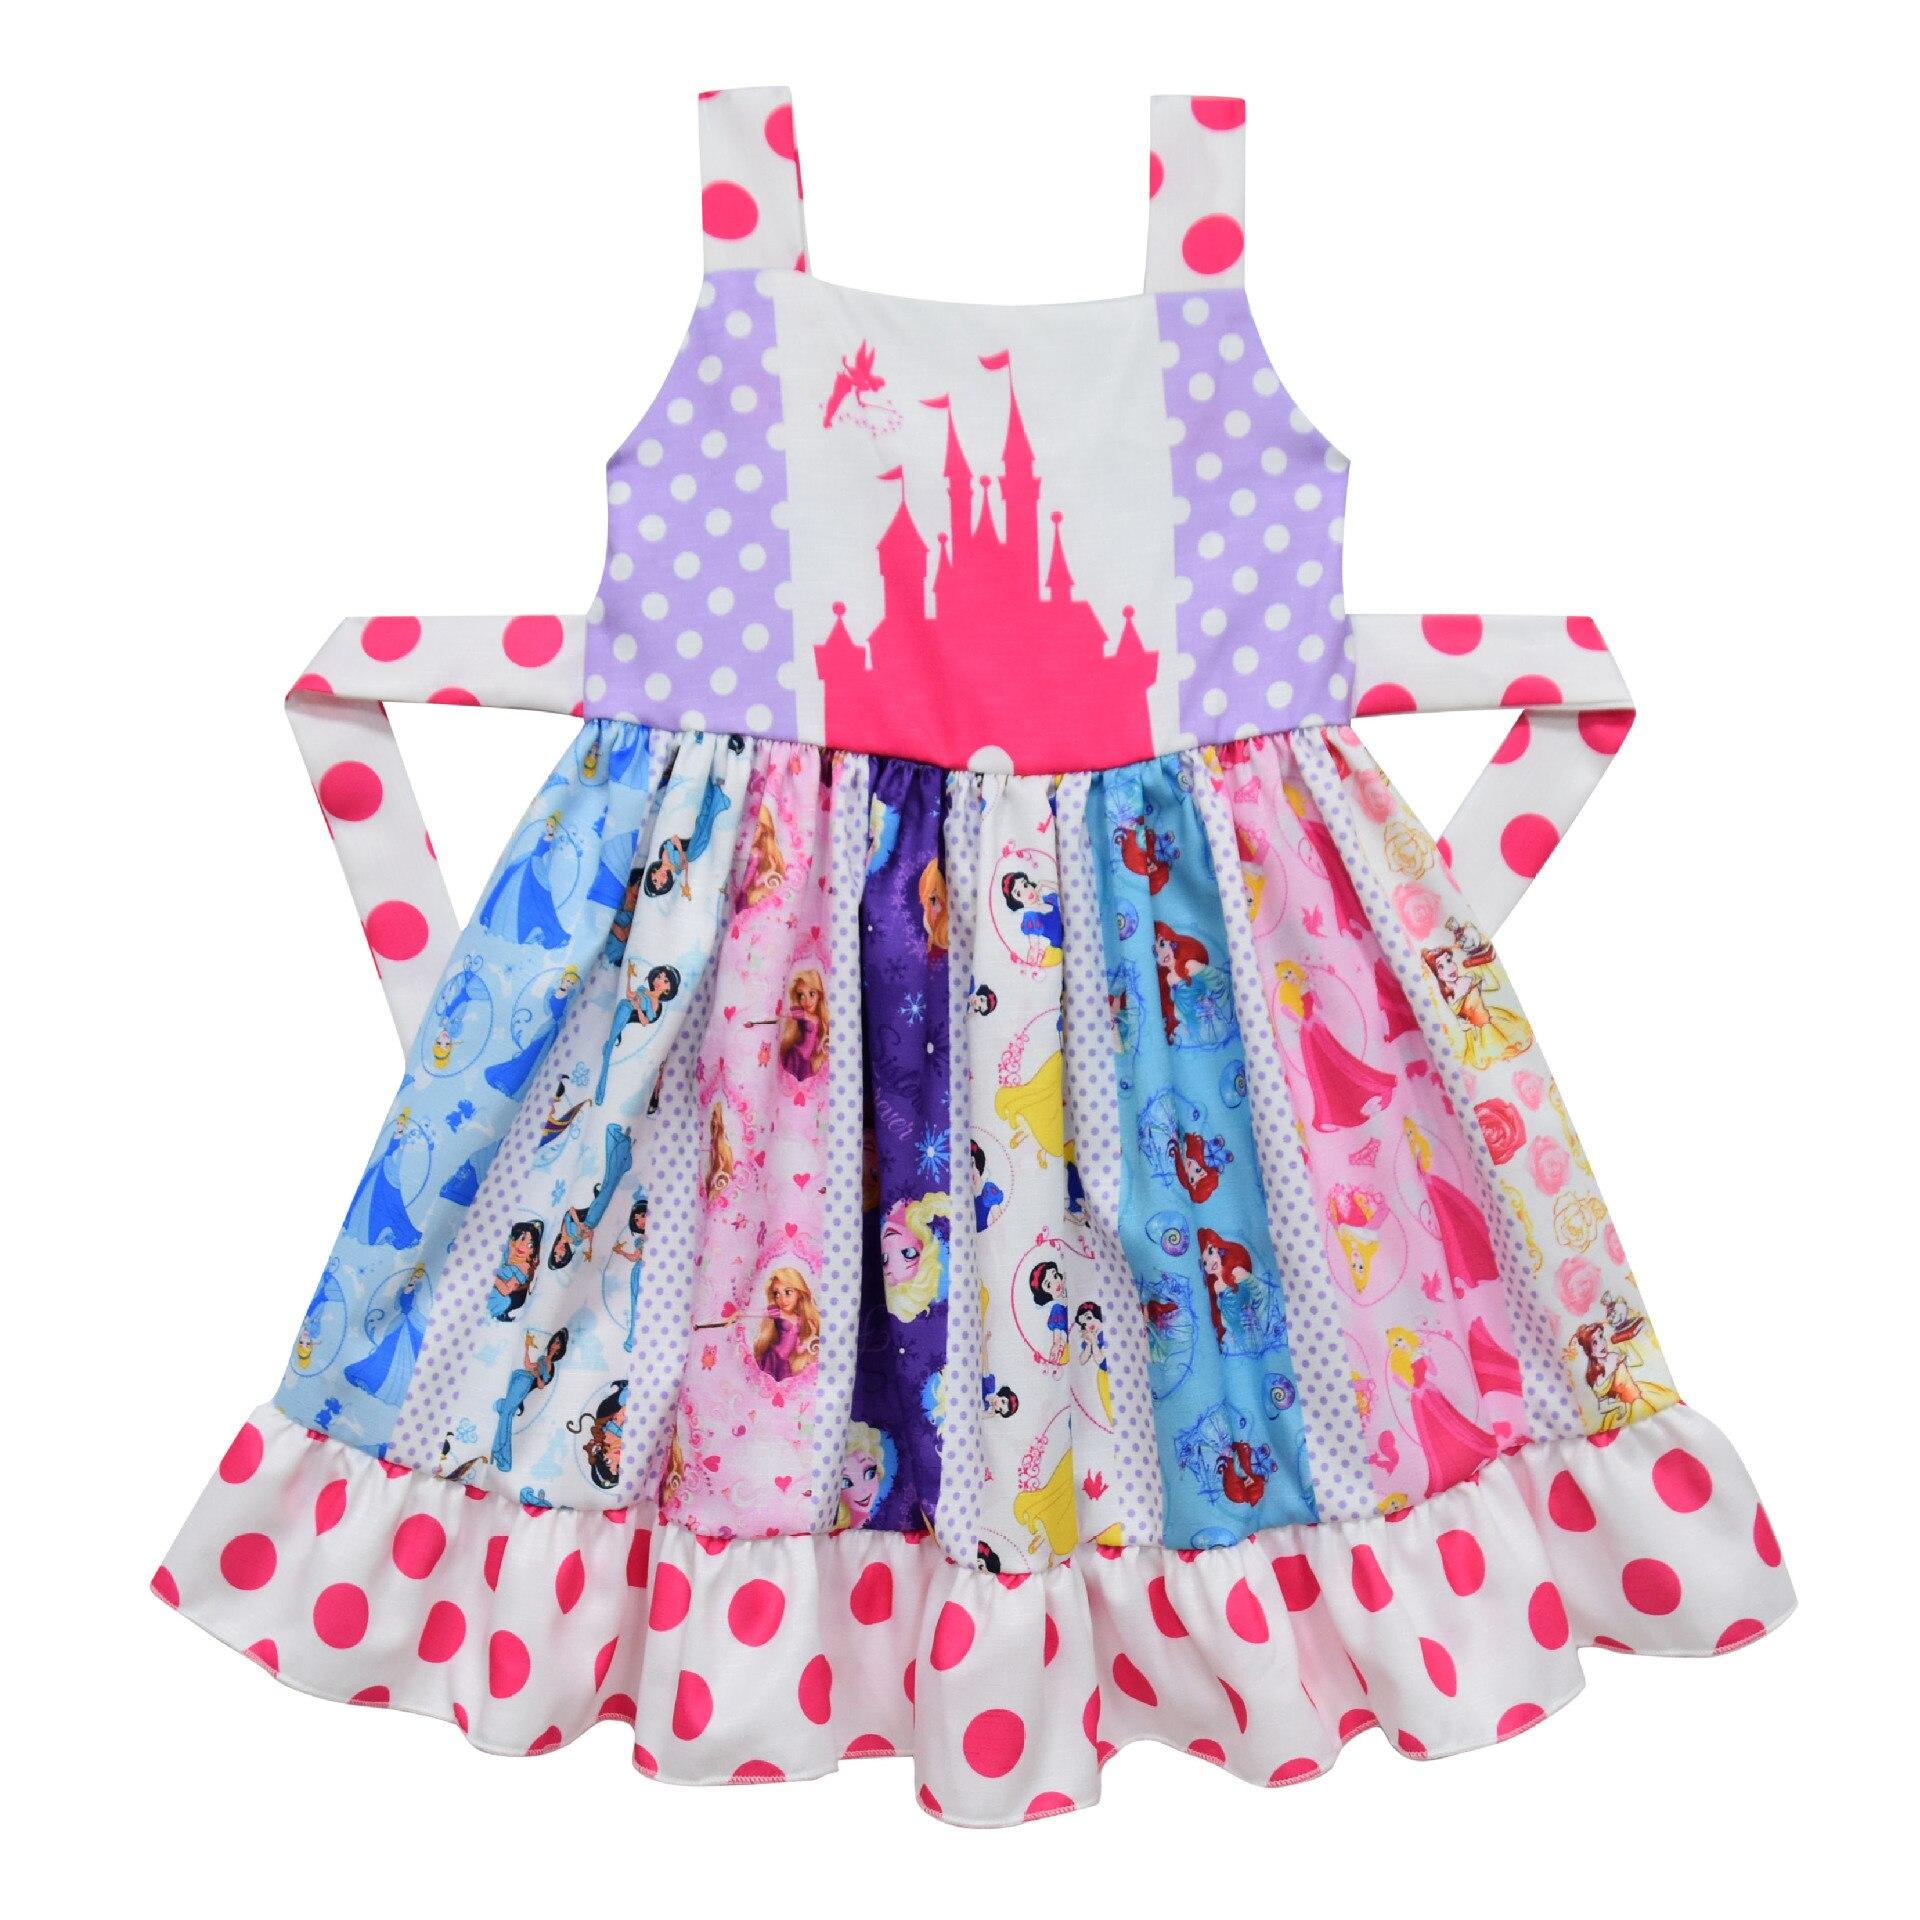 Verano sin mangas Twirl vestido niñas princesa vestido Boutique moda leche seda fajas vestido niñas vacaciones fiesta ropa